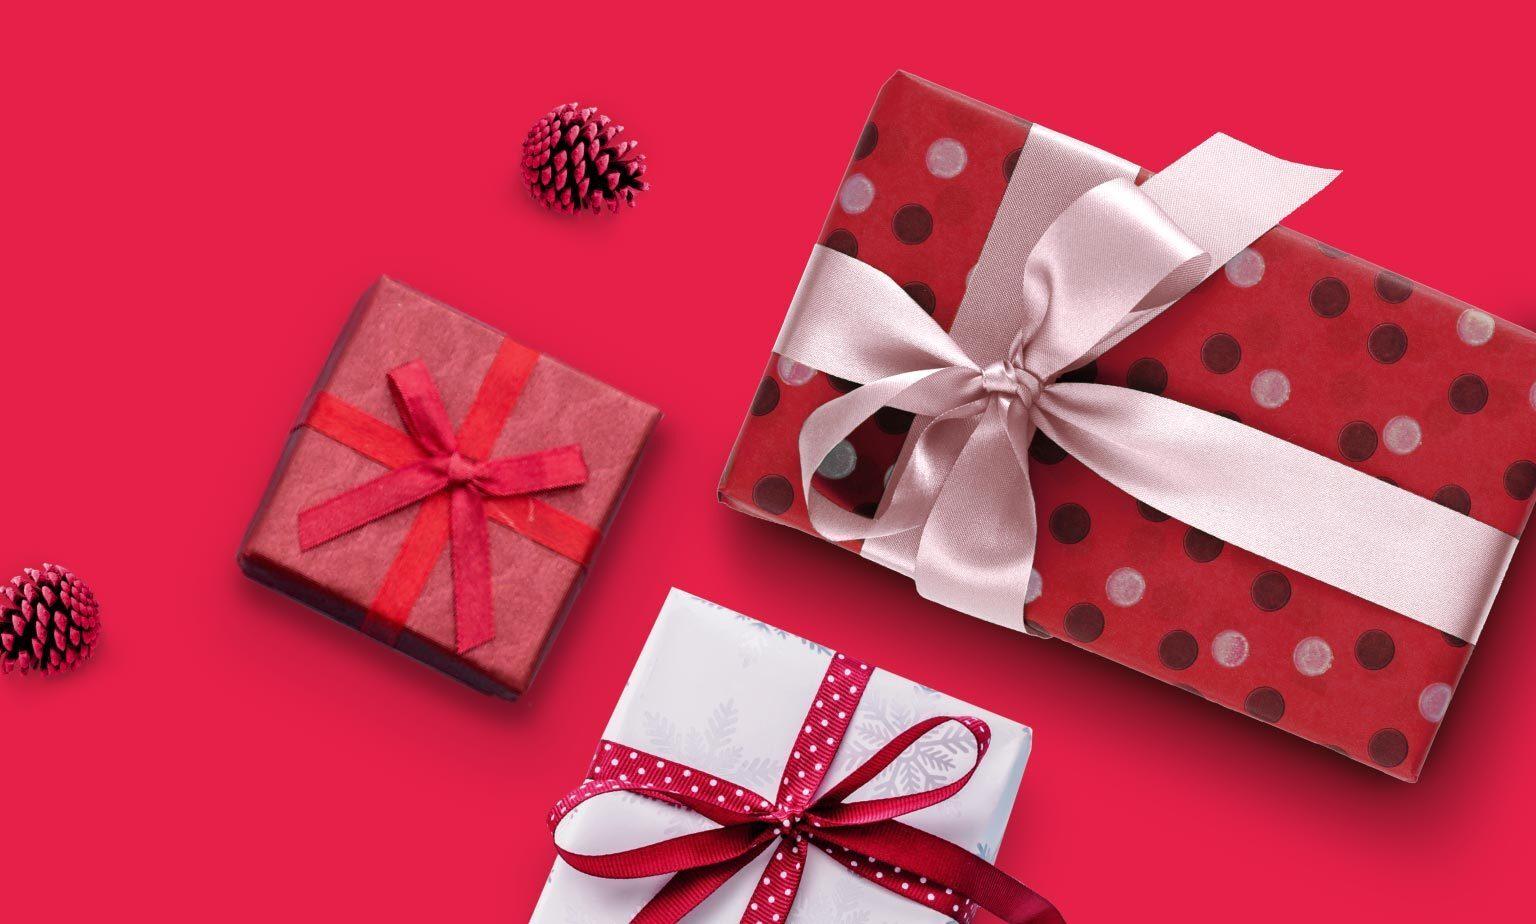 Sconti su Idee regalo a basso prezzo